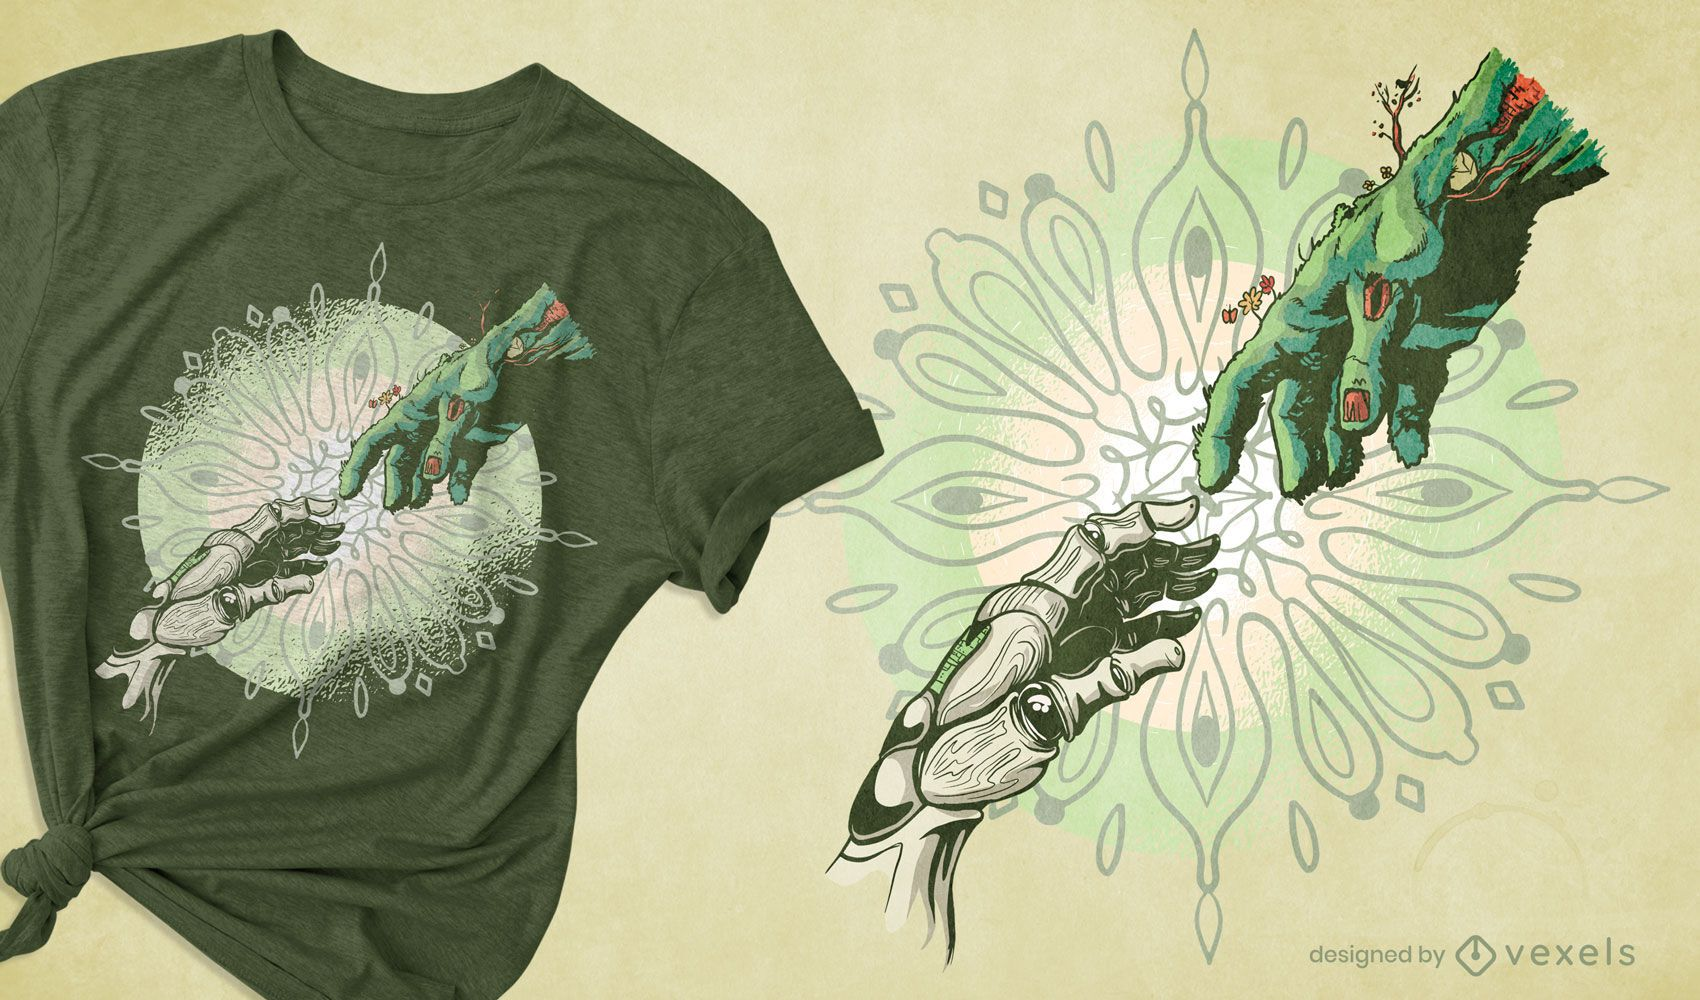 Criação de design de t-shirt technoloy e nature